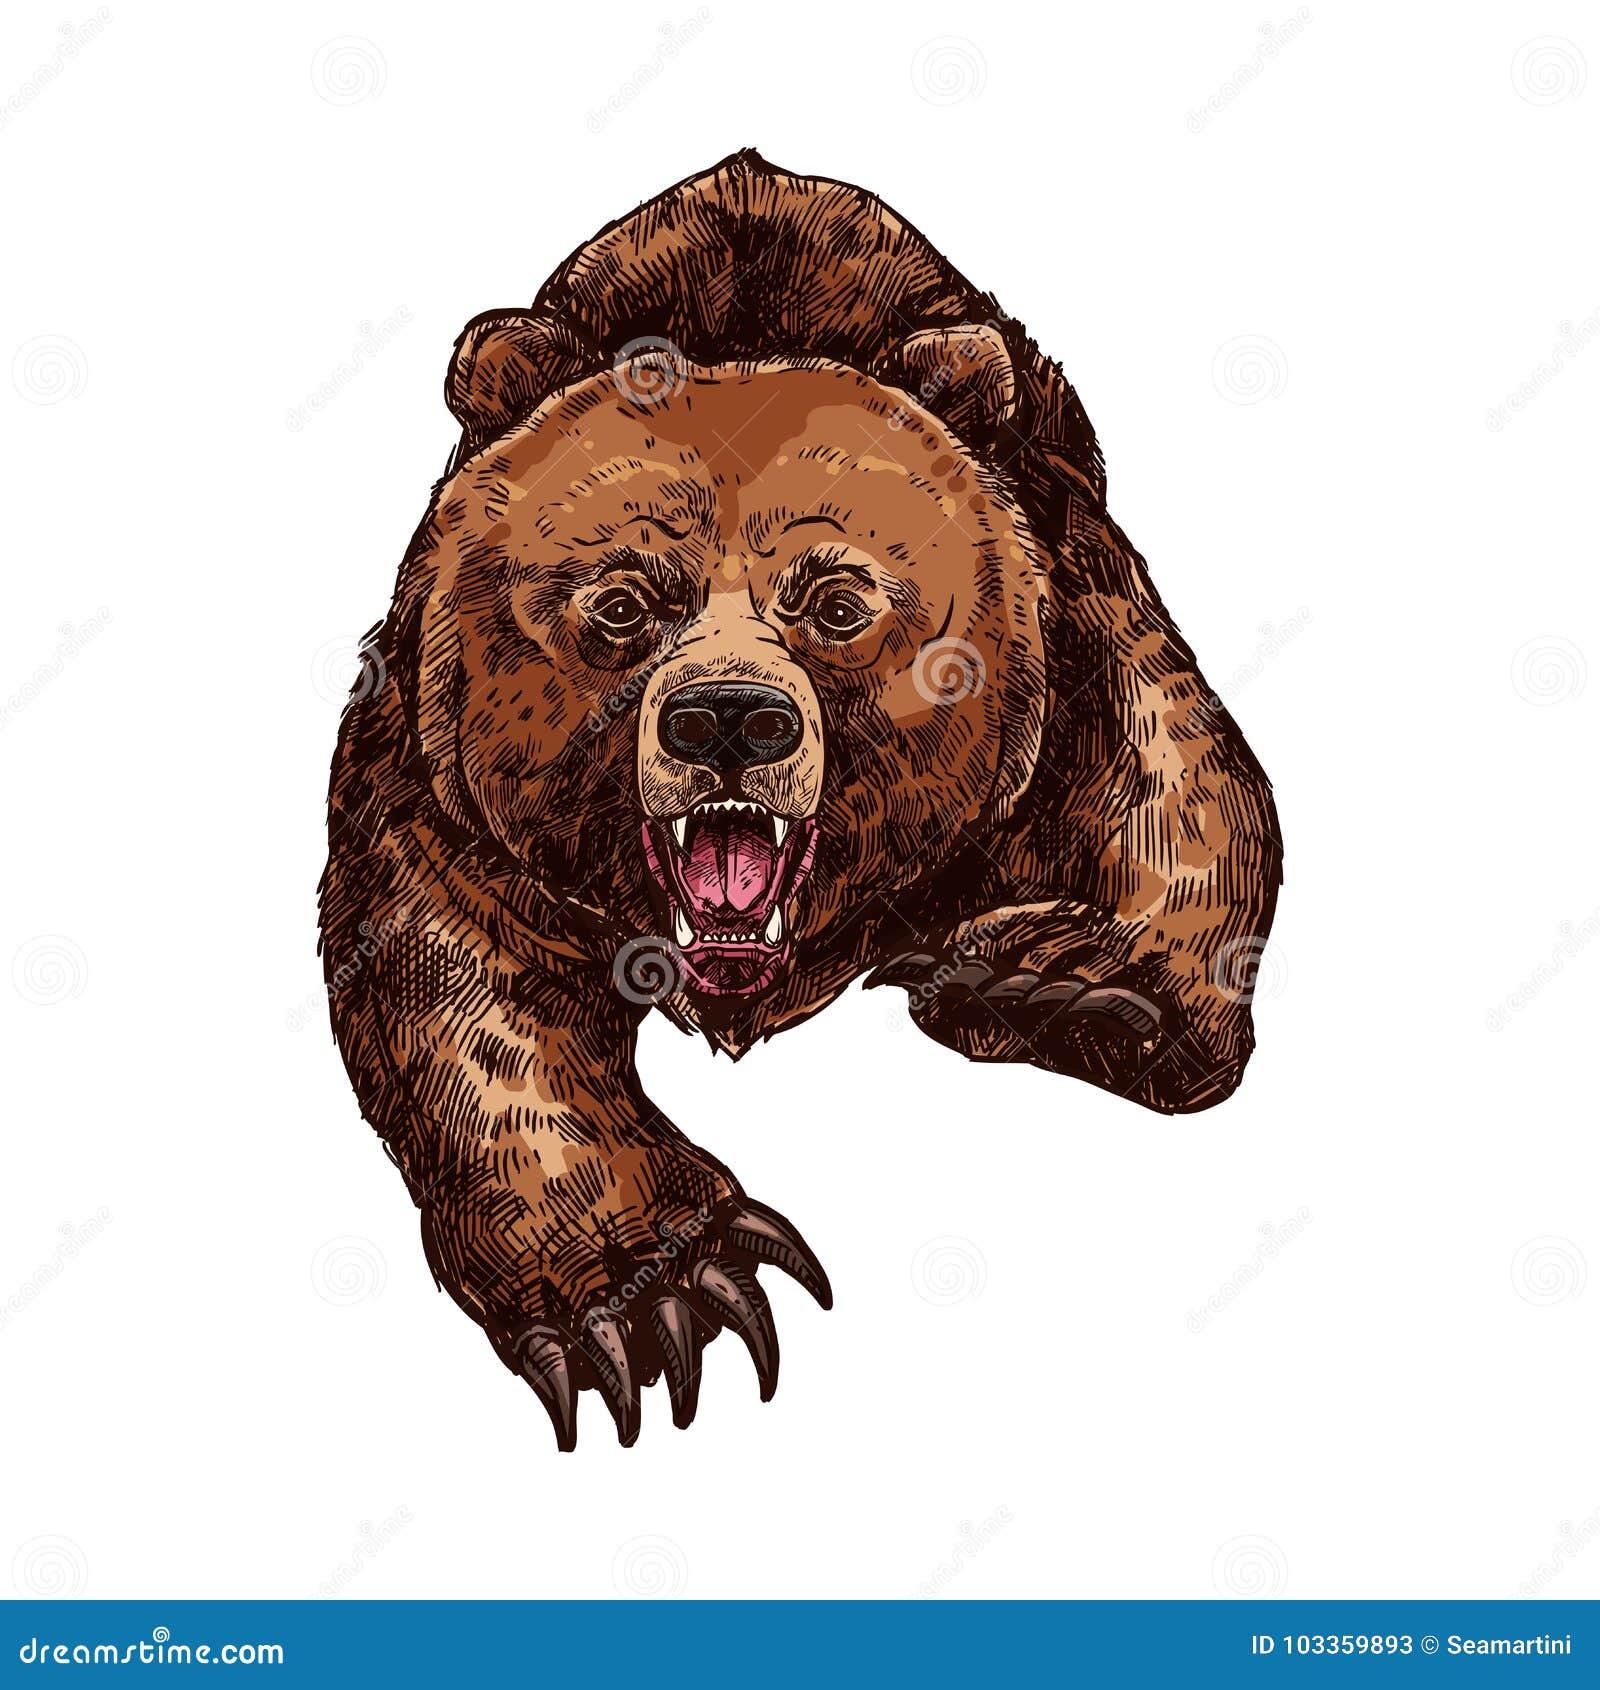 北美灰熊咆哮传染媒介剪影动物